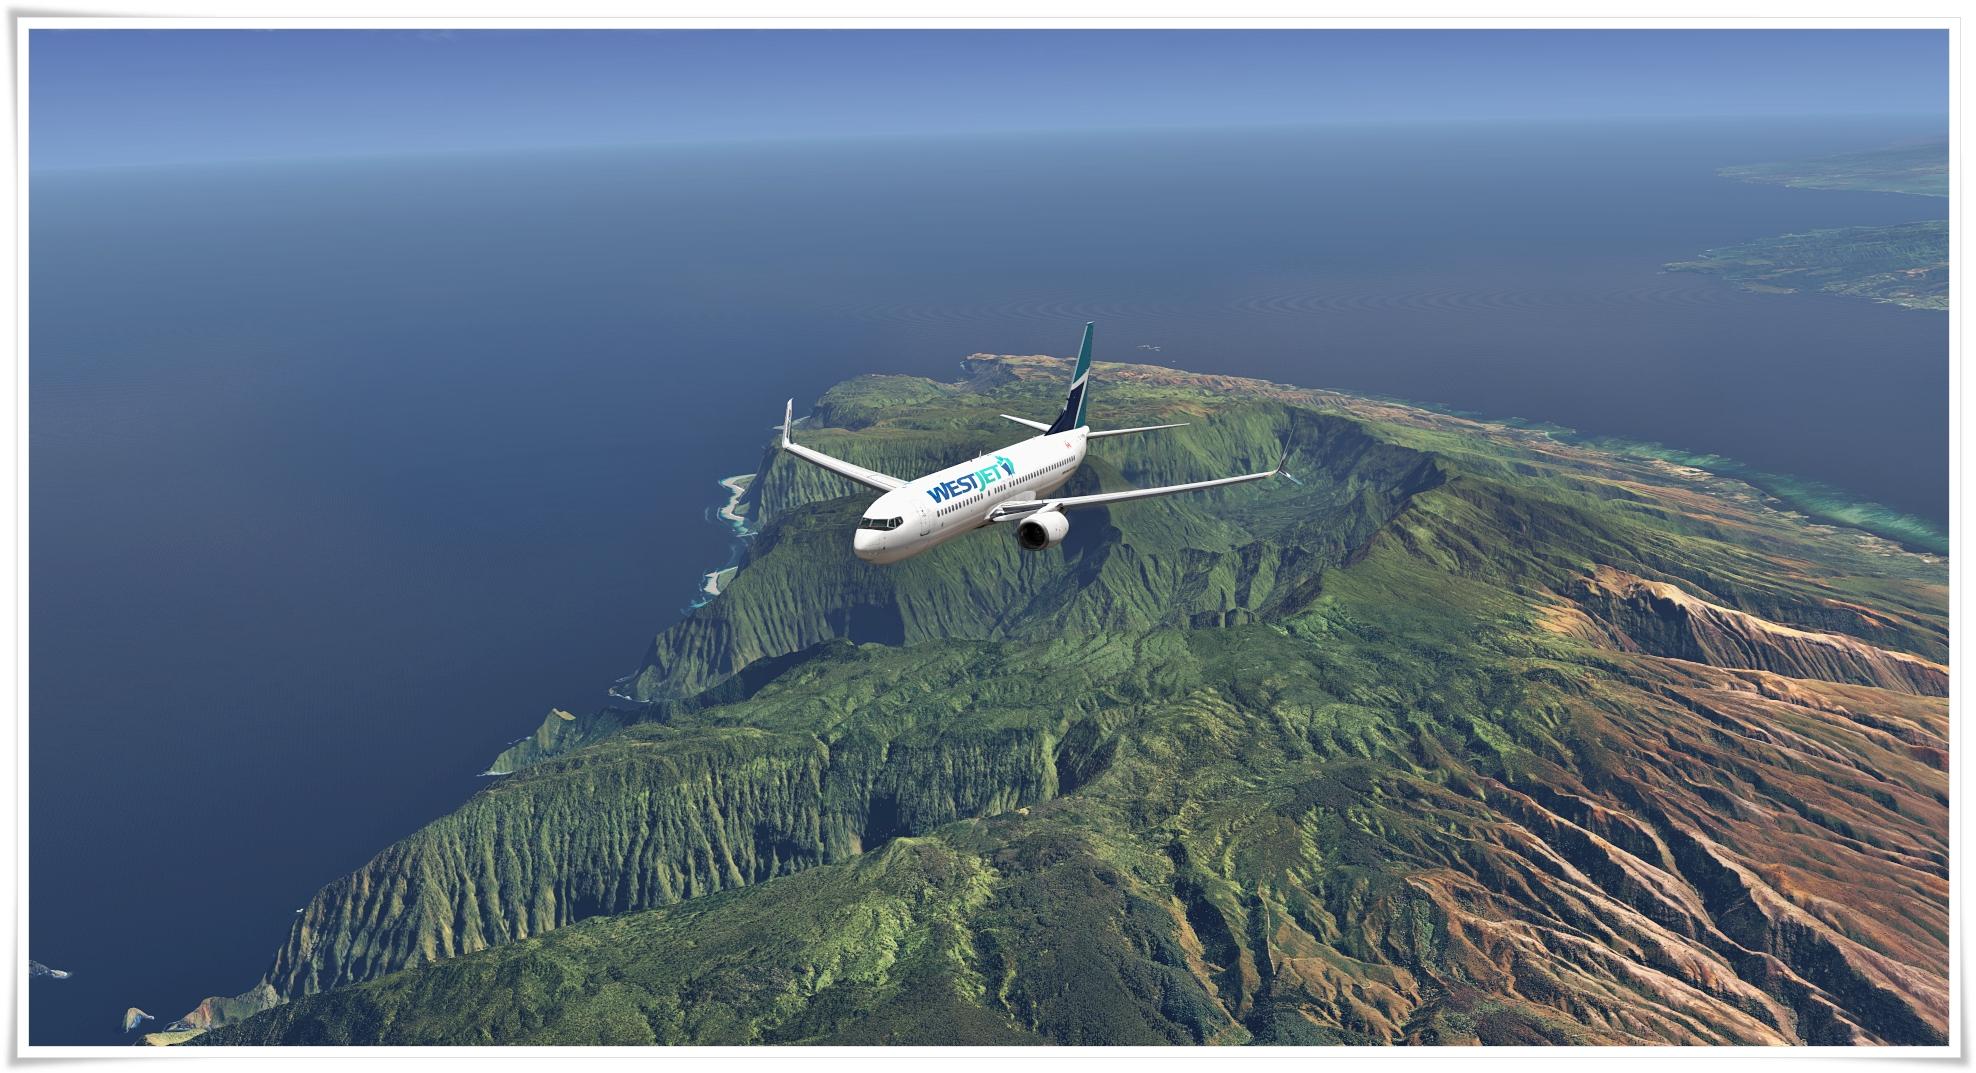 hawaii_6a6jw1.jpg